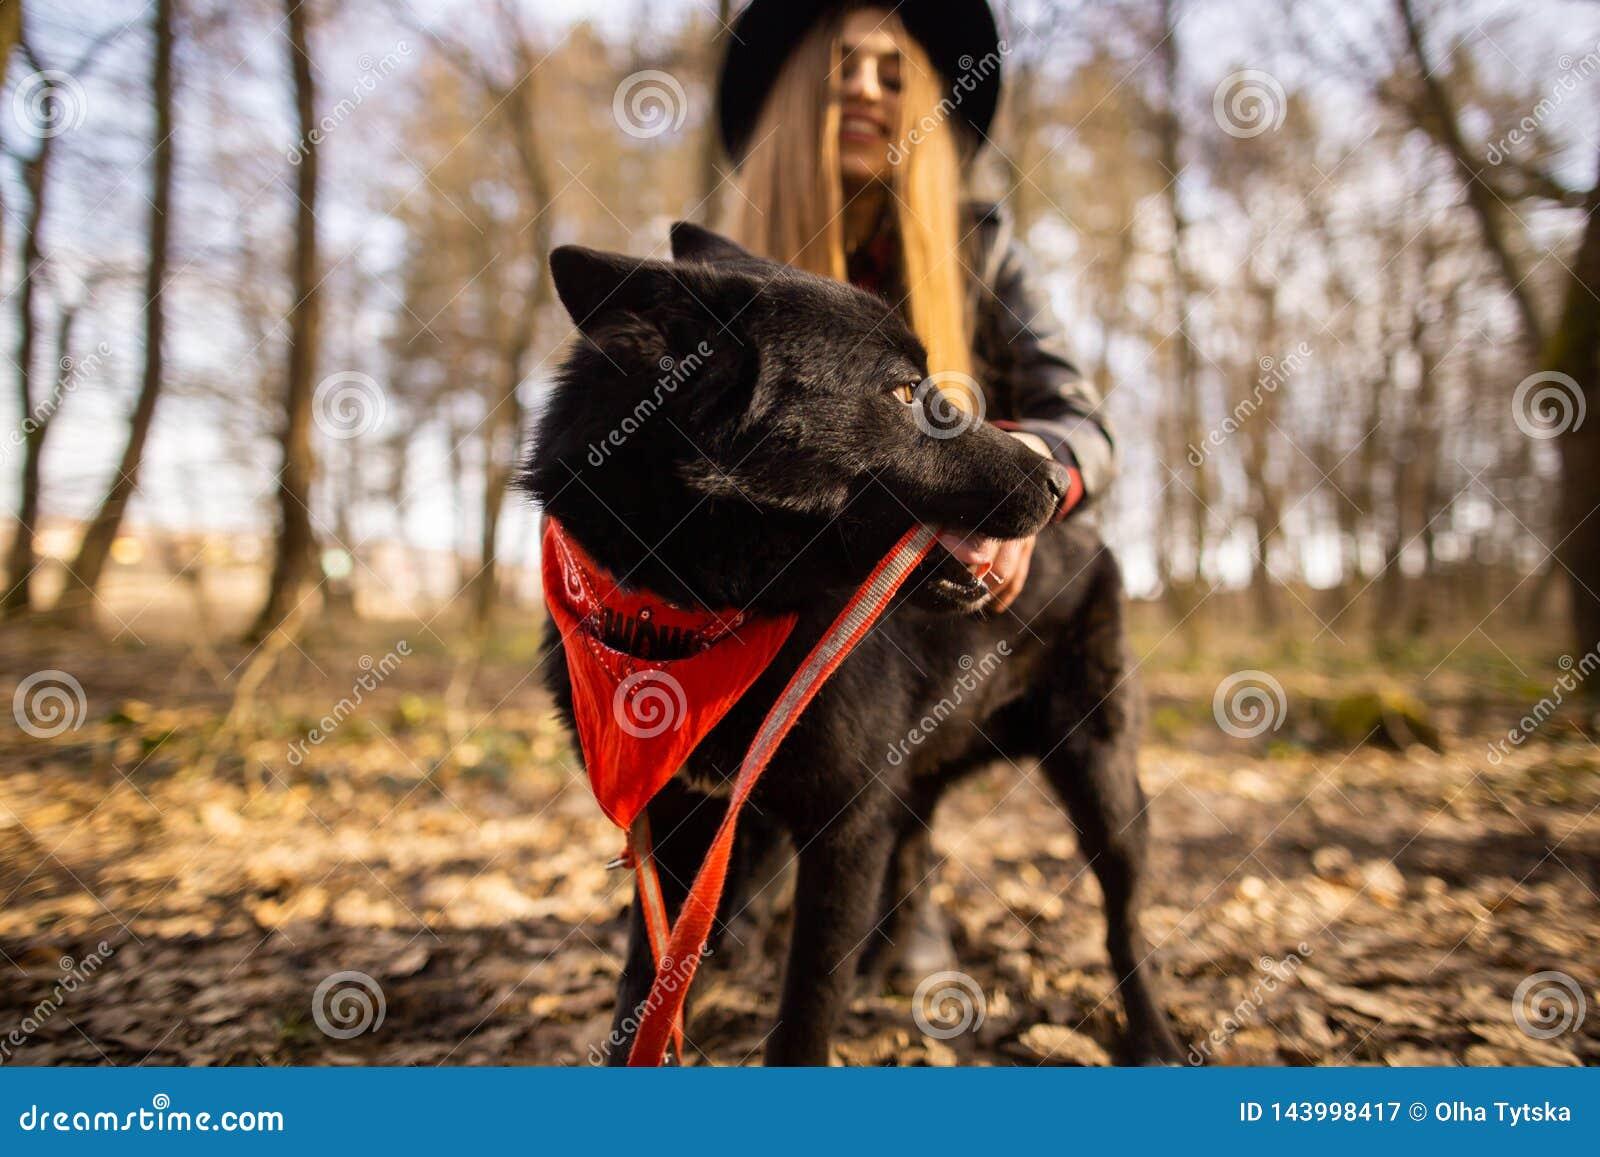 Belle femme frottant son chien dehors Jolie fille jouant et ayant l amusement avec son animal familier de nom Brovko Vivchar